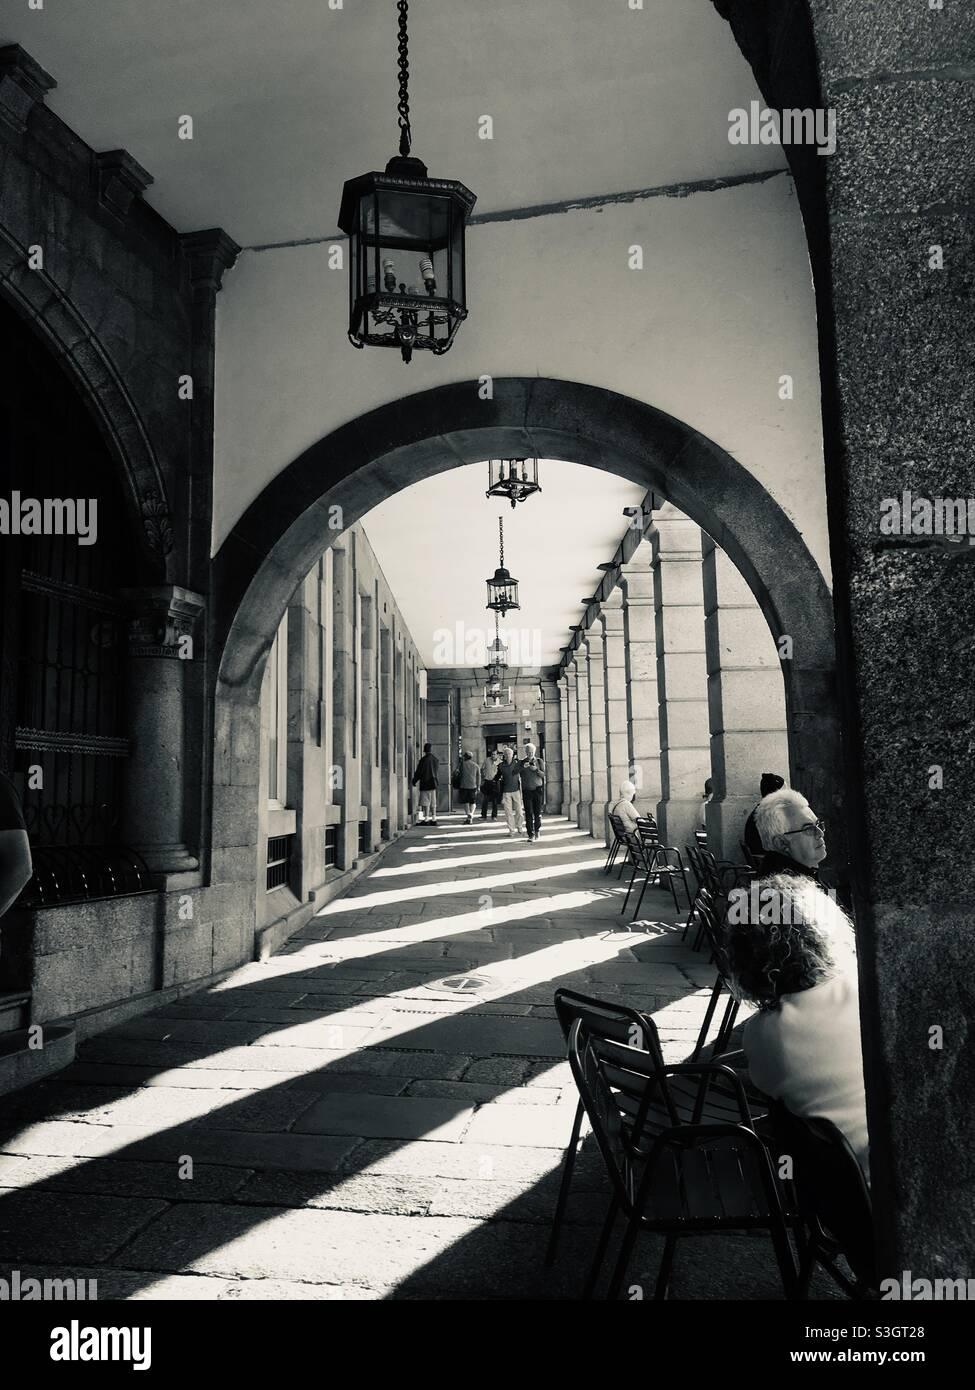 Außenarkade mit Schatten. Santiago de Compostela, Spanien. Stockfoto